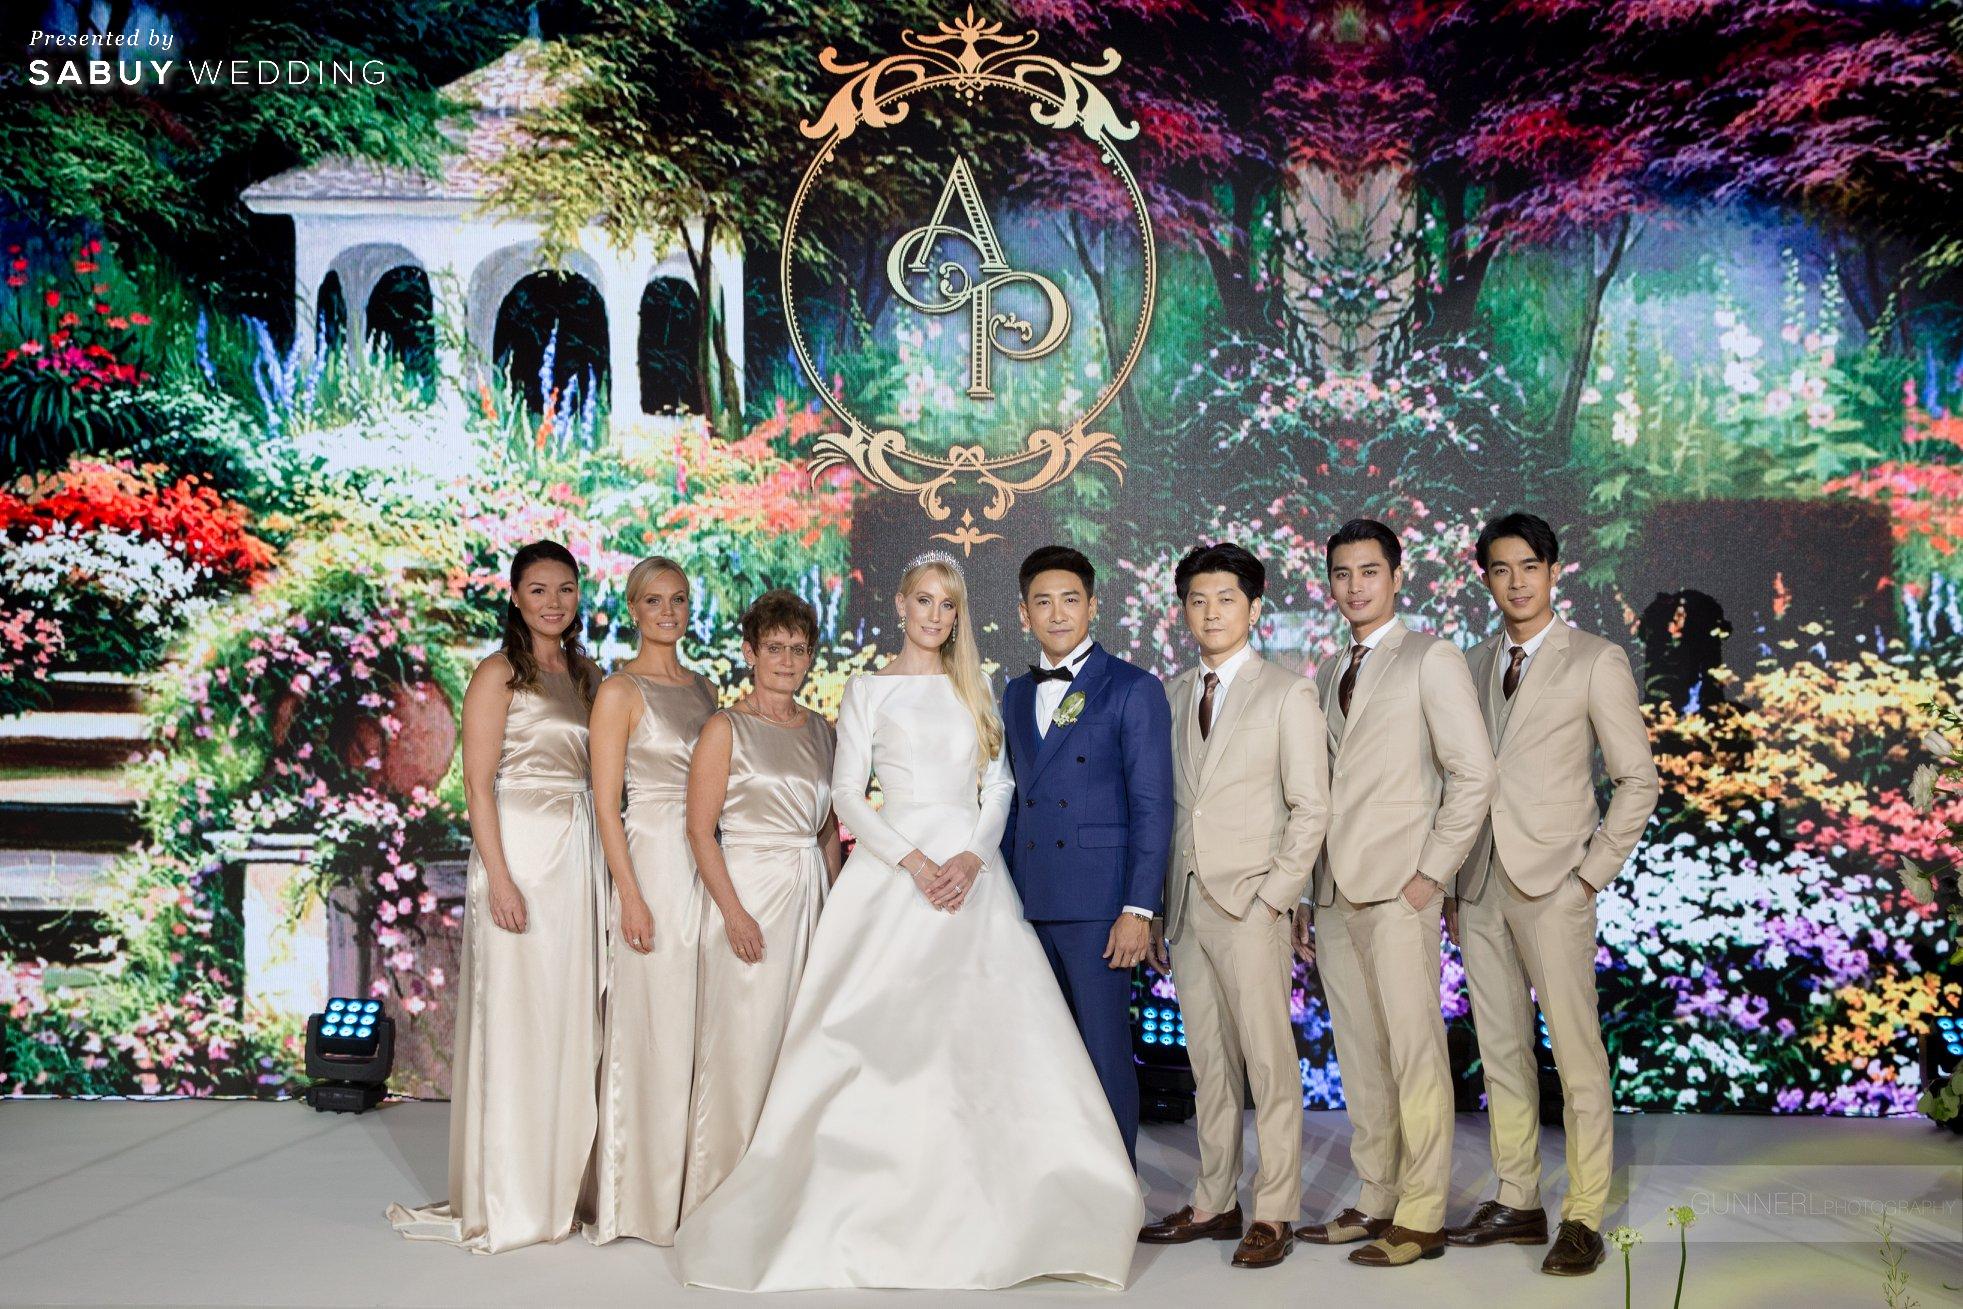 """บอย พิษณุ,งานแต่งงาน,จัดงานแต่งงาน,สถานที่แต่งงาน รีวิวงานแต่ง """"บอย พิษณุ"""" สุดหวาน จำลองงานที่สวีเดนจัดเต็ม @ Hyatt Regency Bangkok Sukhumvit"""